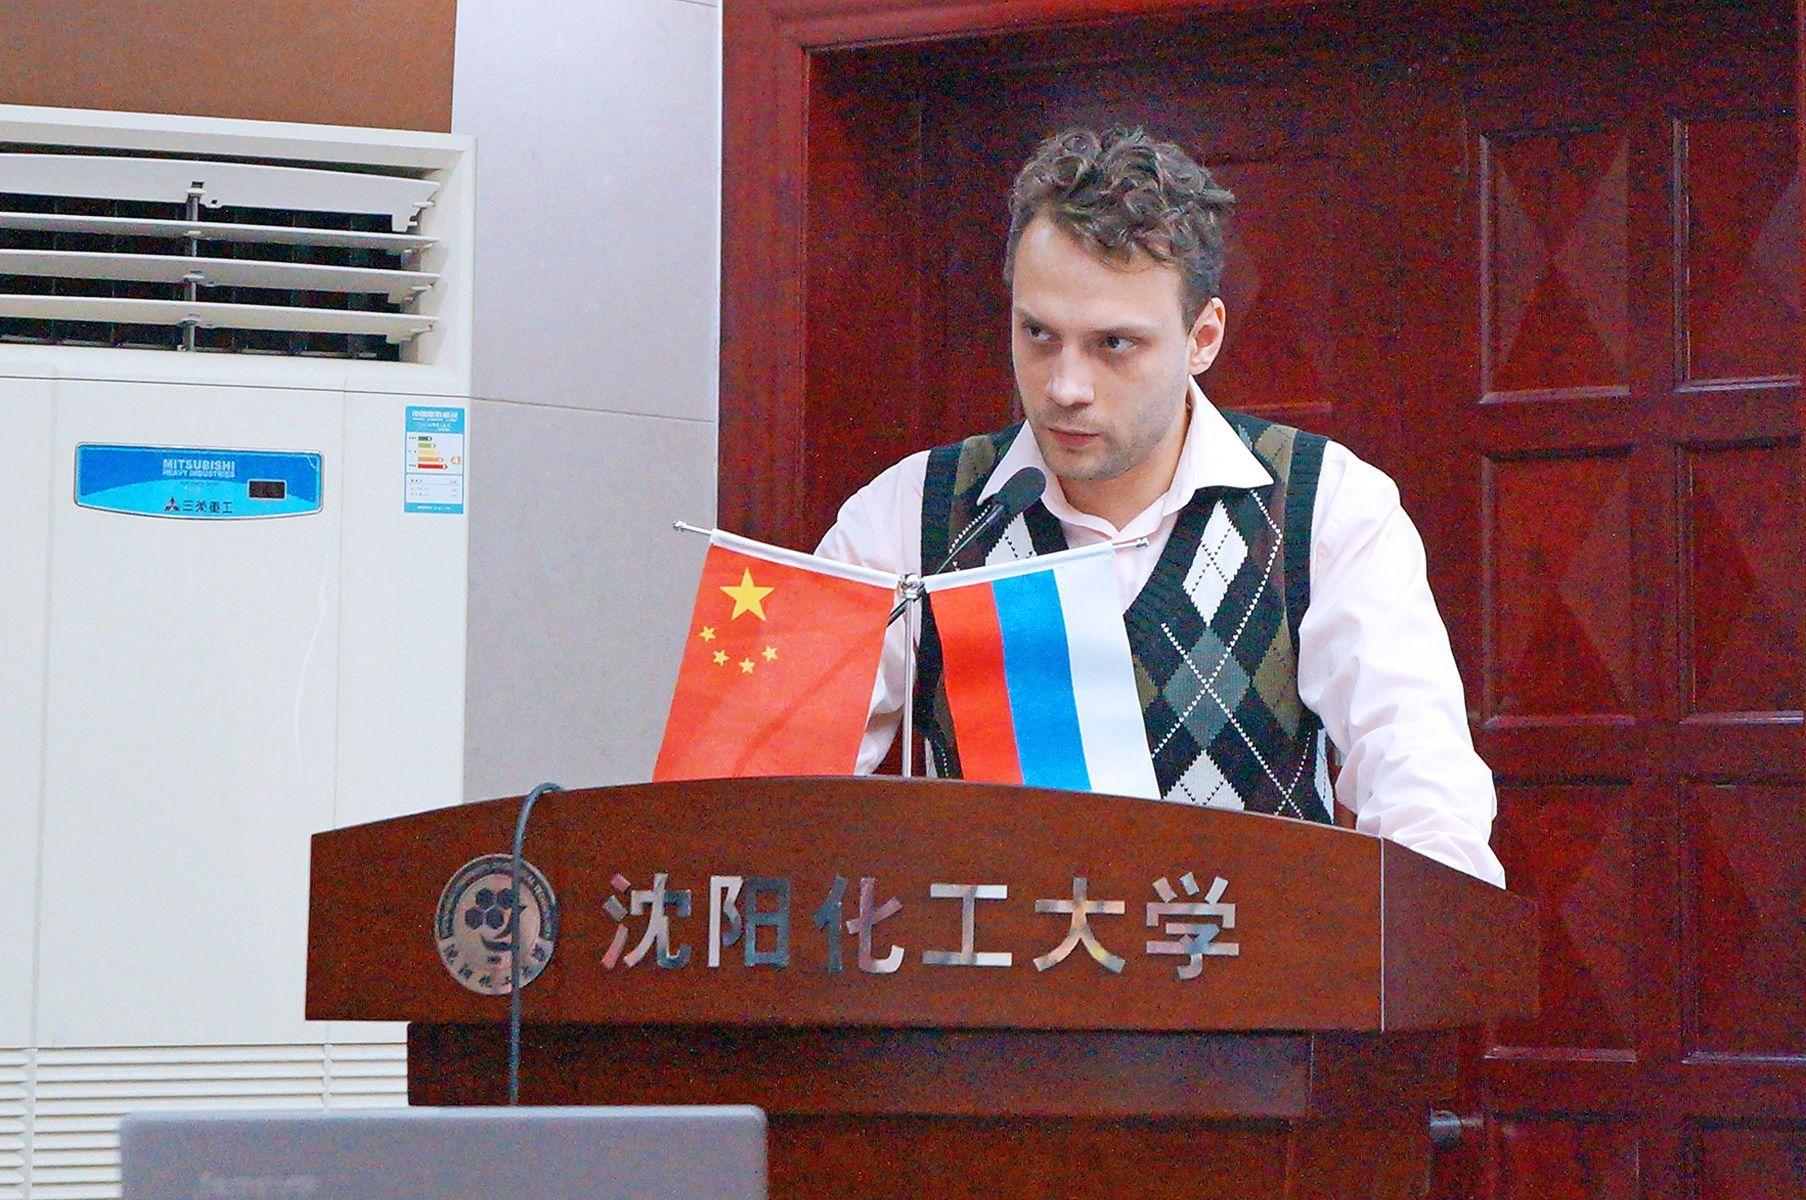 Преподаватели Института права ВГУЭС Александр Алексеенко и Элла Горян приняли участие в серии международных вебинаров Китайского юридического общества